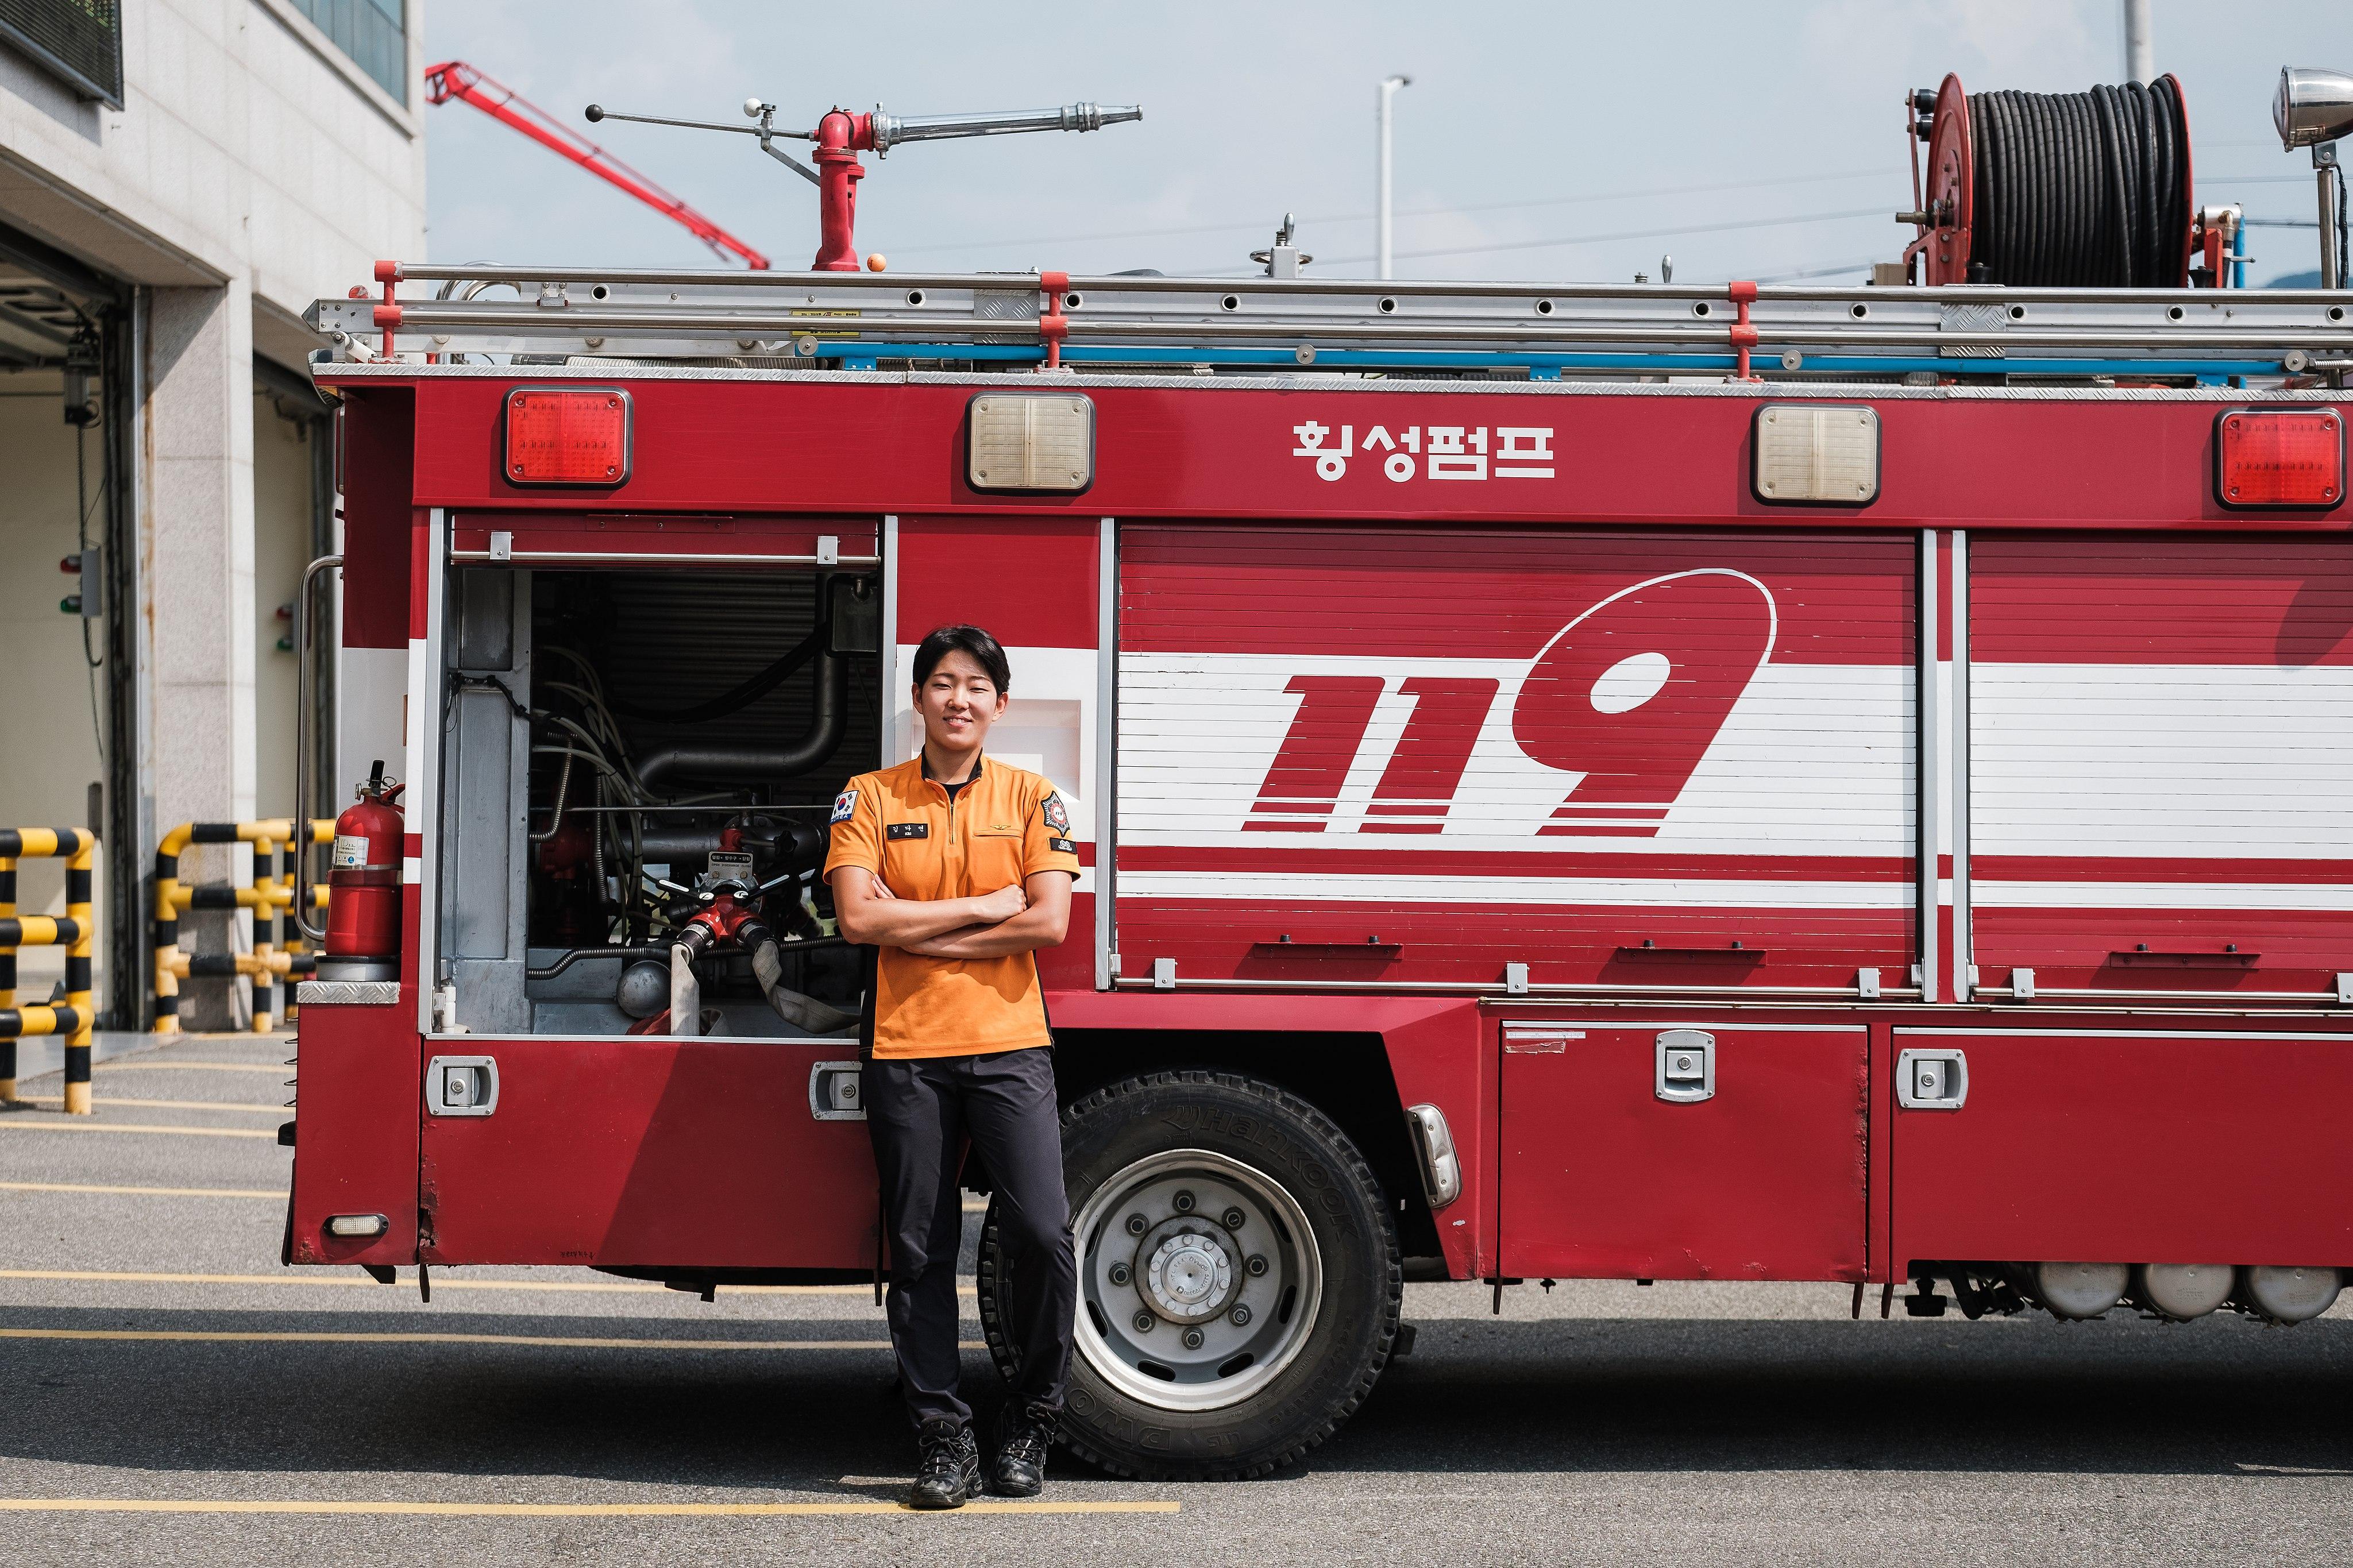 횡성소방서 여성 소방관 김다연 Republic of Korea female firefighter Kim Da-yeon 20190823-DSCF2161-편집